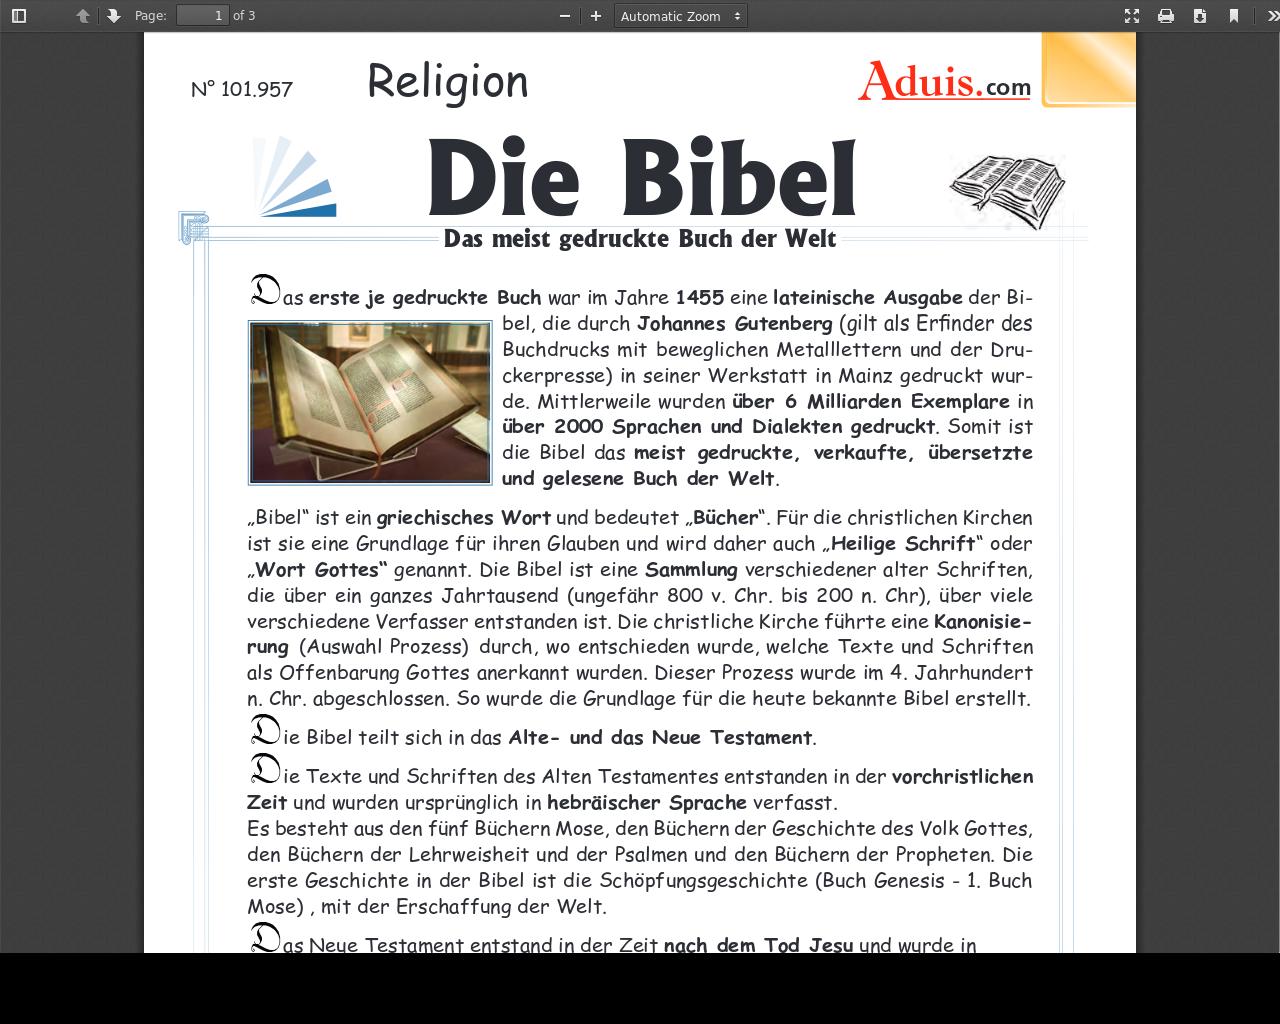 Die Bibel   Das meist gedruckte Buch der Welt   material